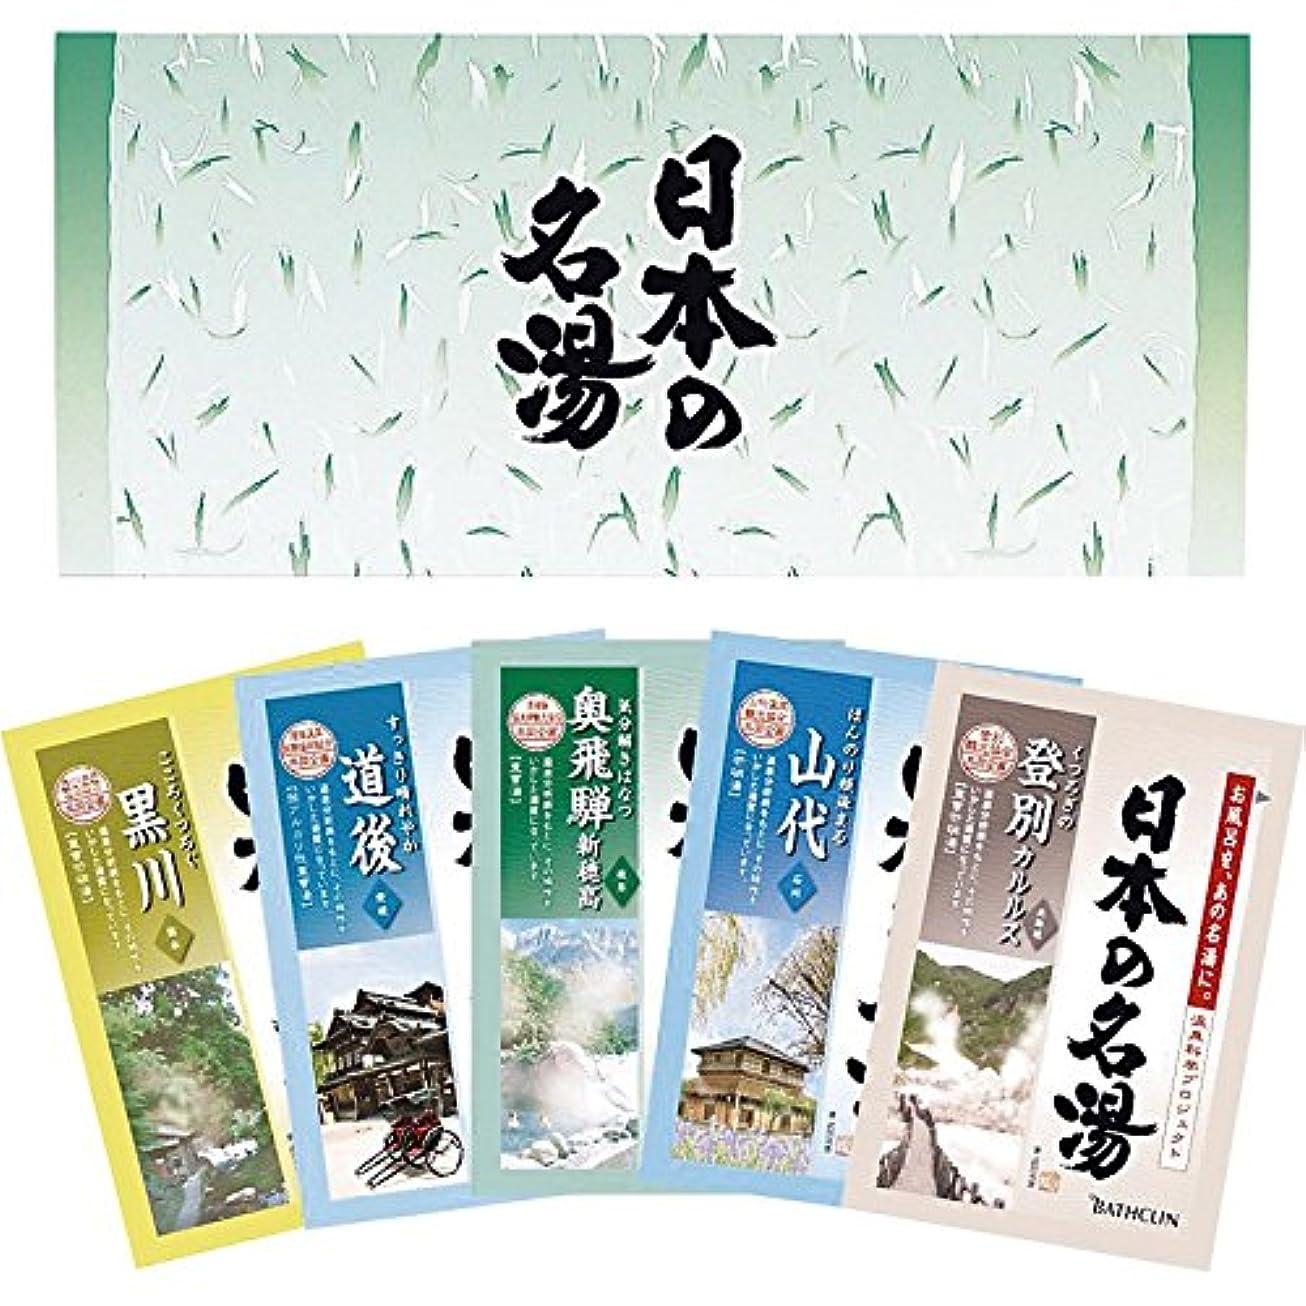 圧力ハーブもつれバスクリン 日本の名湯 5包セット OT-3D 【洗面所 入浴剤 温泉 薬用 5袋 リラックス おふろ バスグッズ】